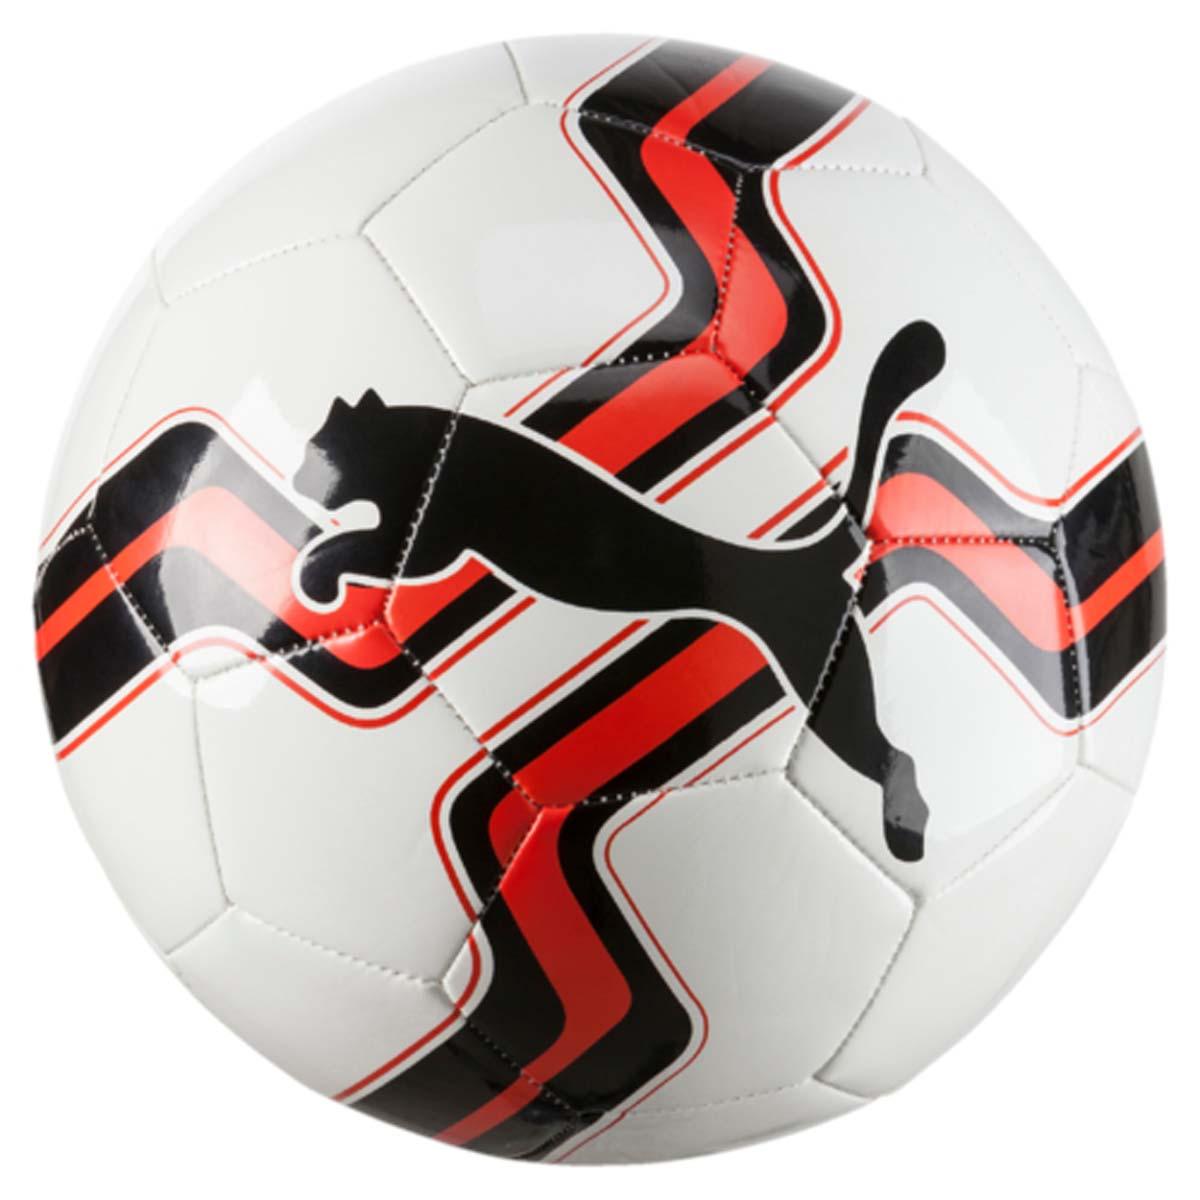 Мяч футбольный Puma Big Cat Ball, цвет: белый, красный. 08275802. Размер 5